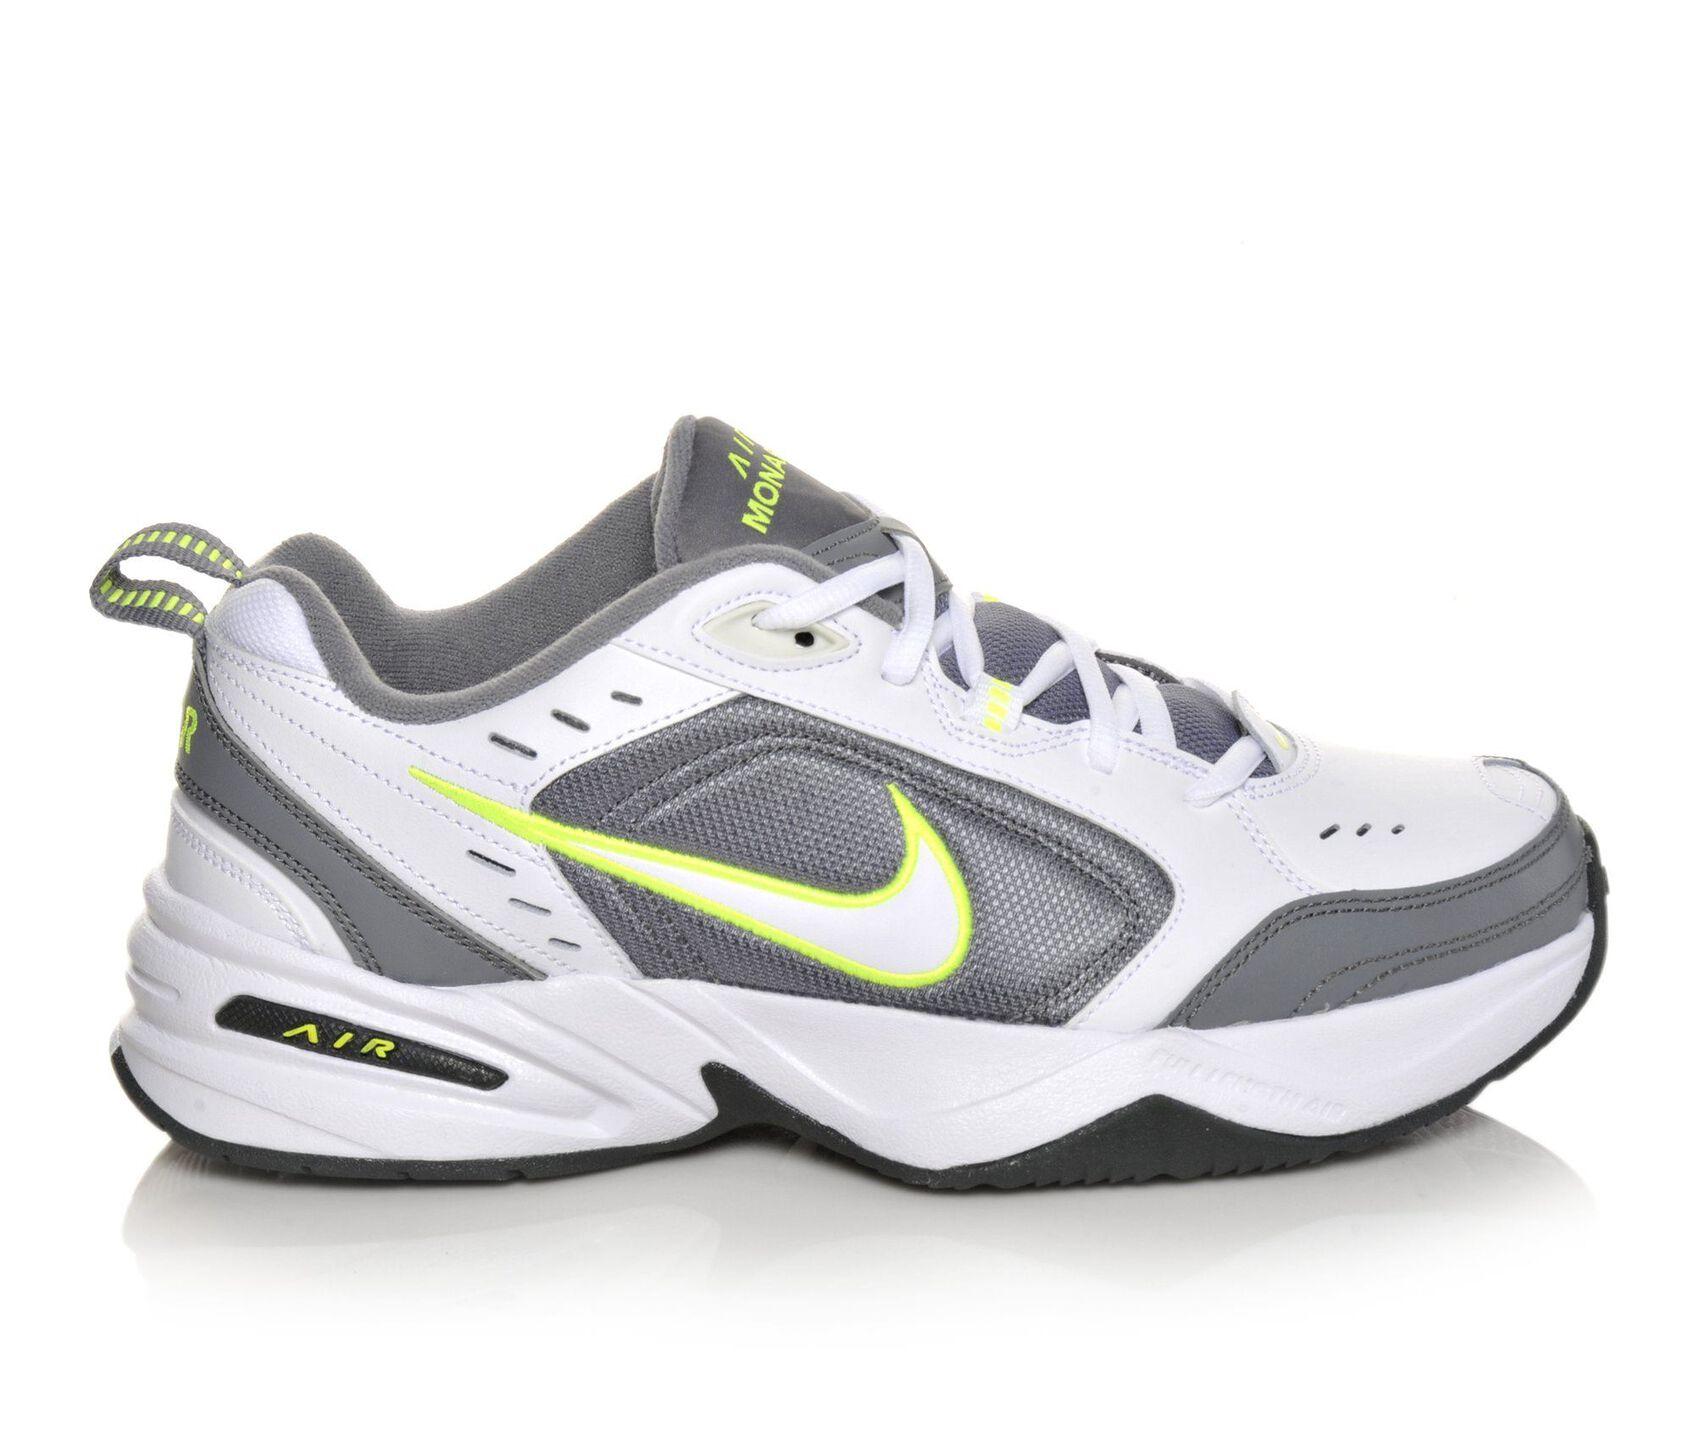 Nike Mens Shoes Full Air